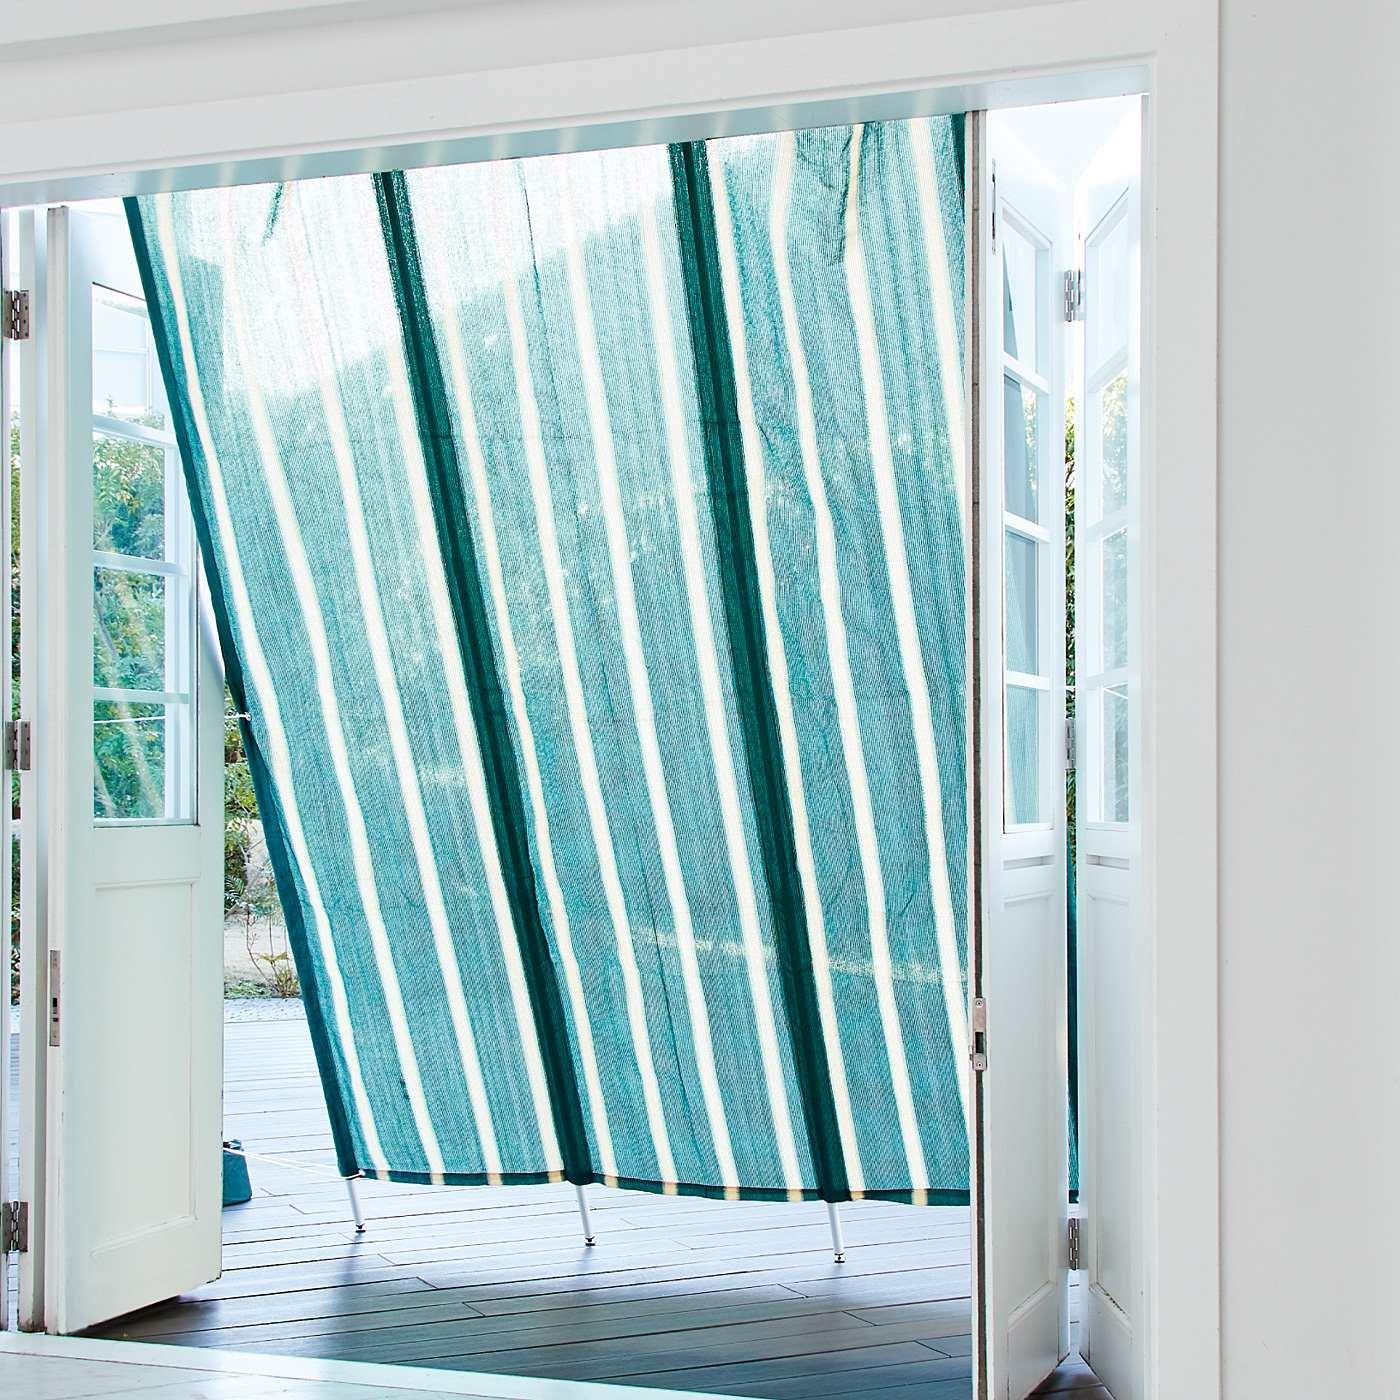 立てかけて日差しをやわらげる 洋風の家になじむおしゃれなたてす〈グリーンストライプ〉